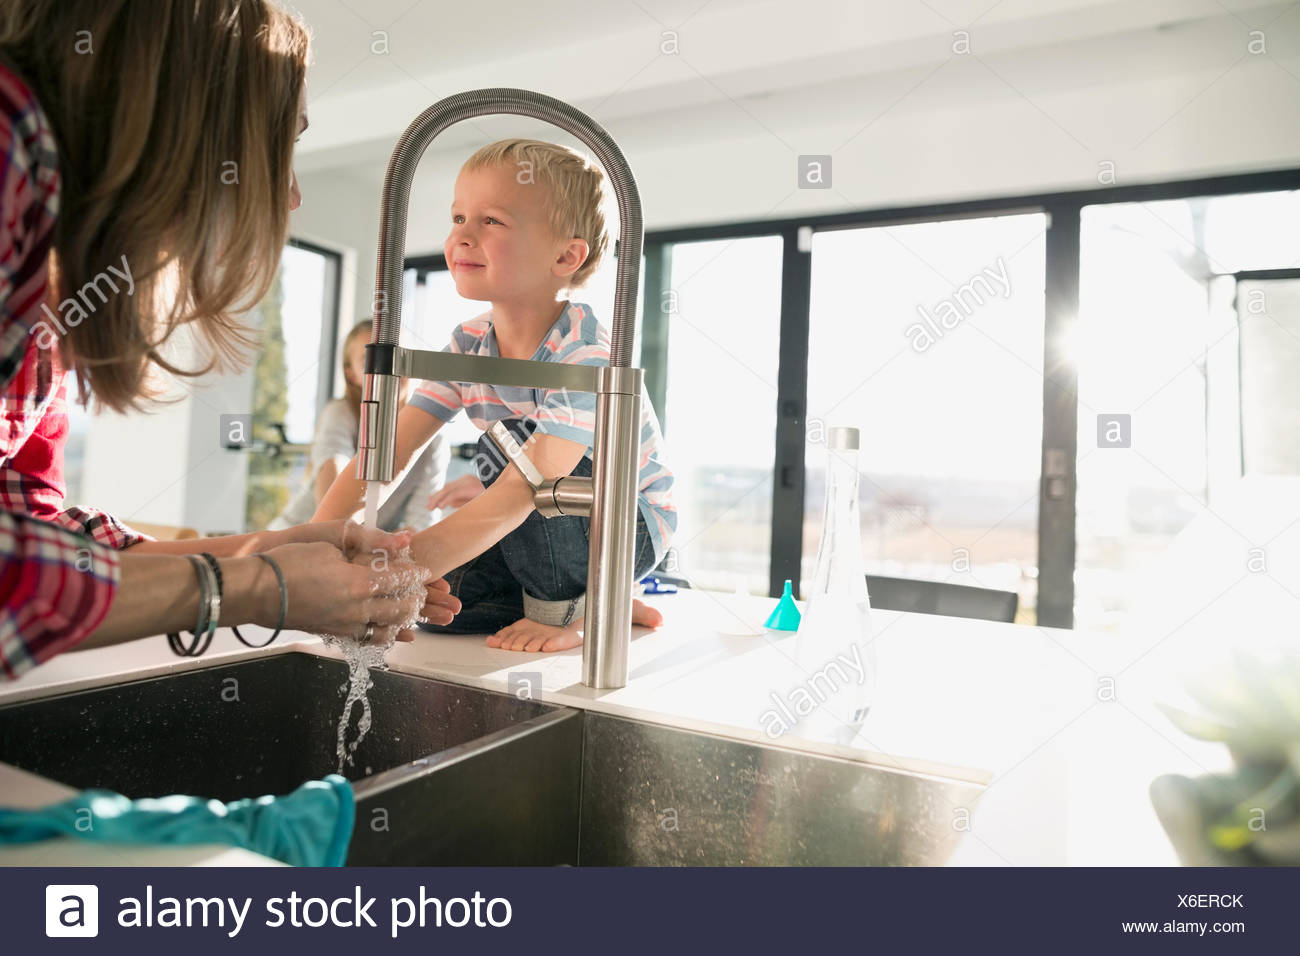 Mère lave-mains dans un évier de cuisine Photo Stock